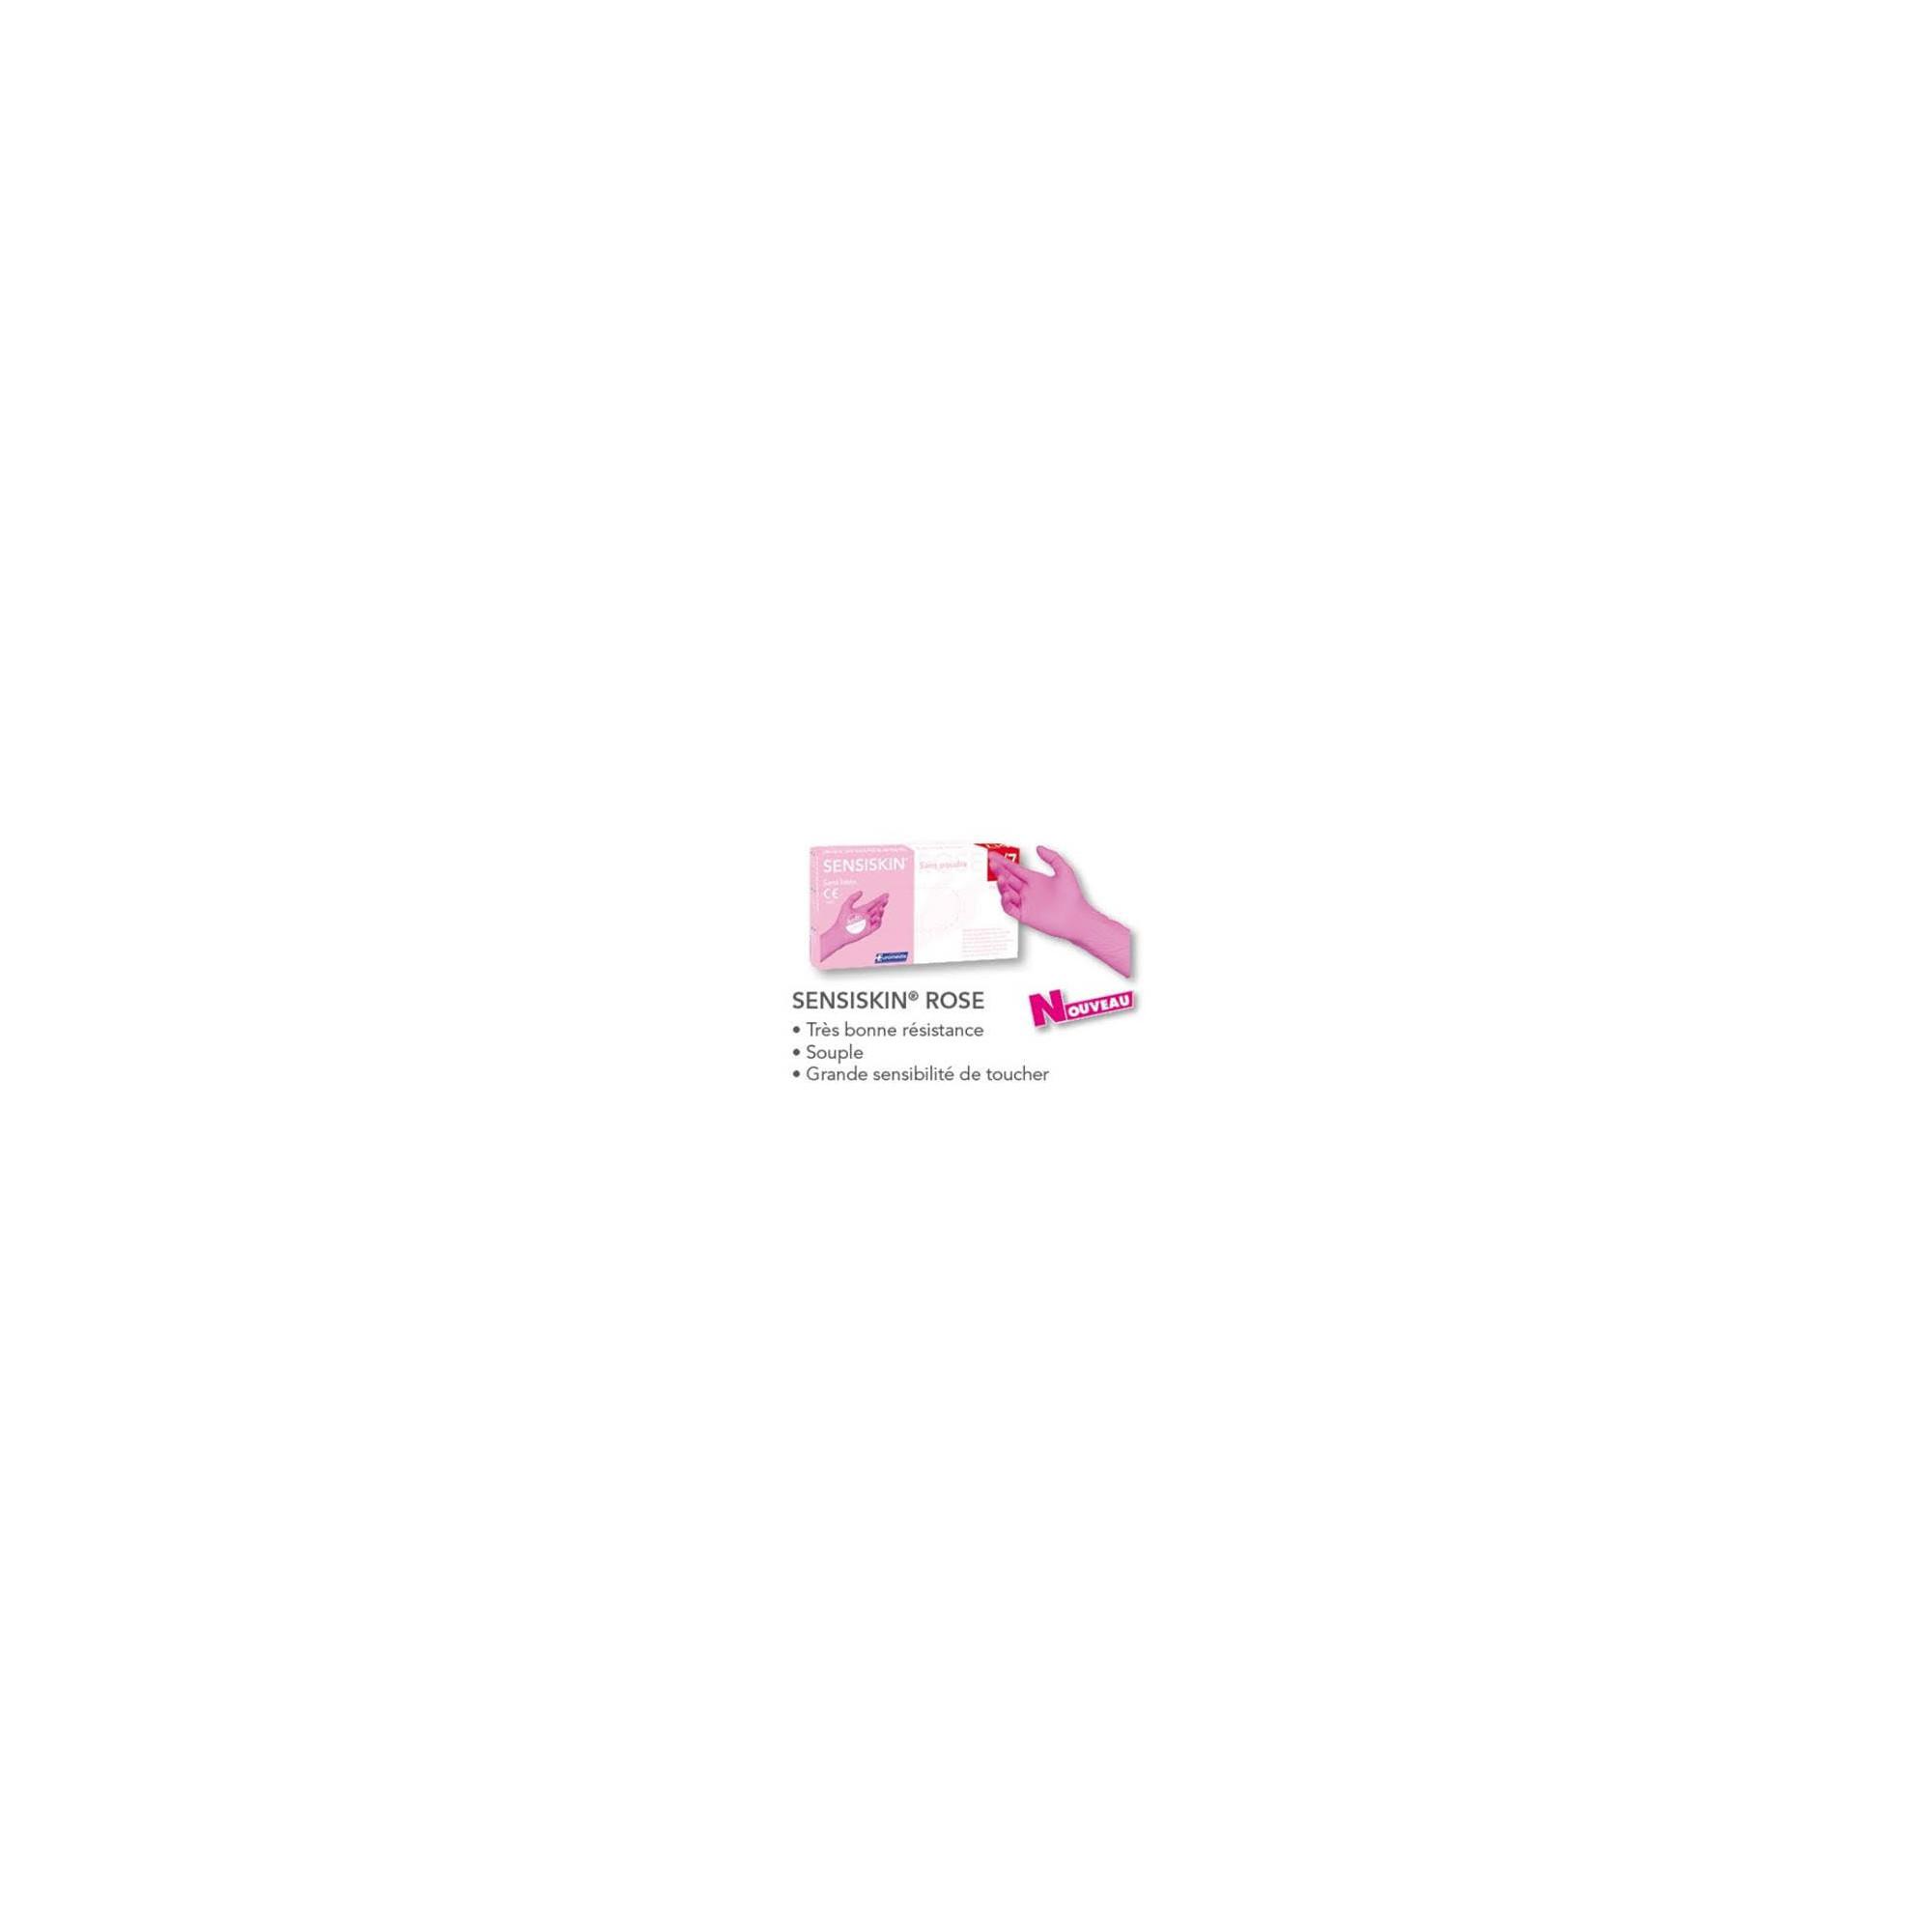 Gants d'examen - Nitrile - Sans poudre - Ambidextres - Boite de 100 - Rose - Sensiskin